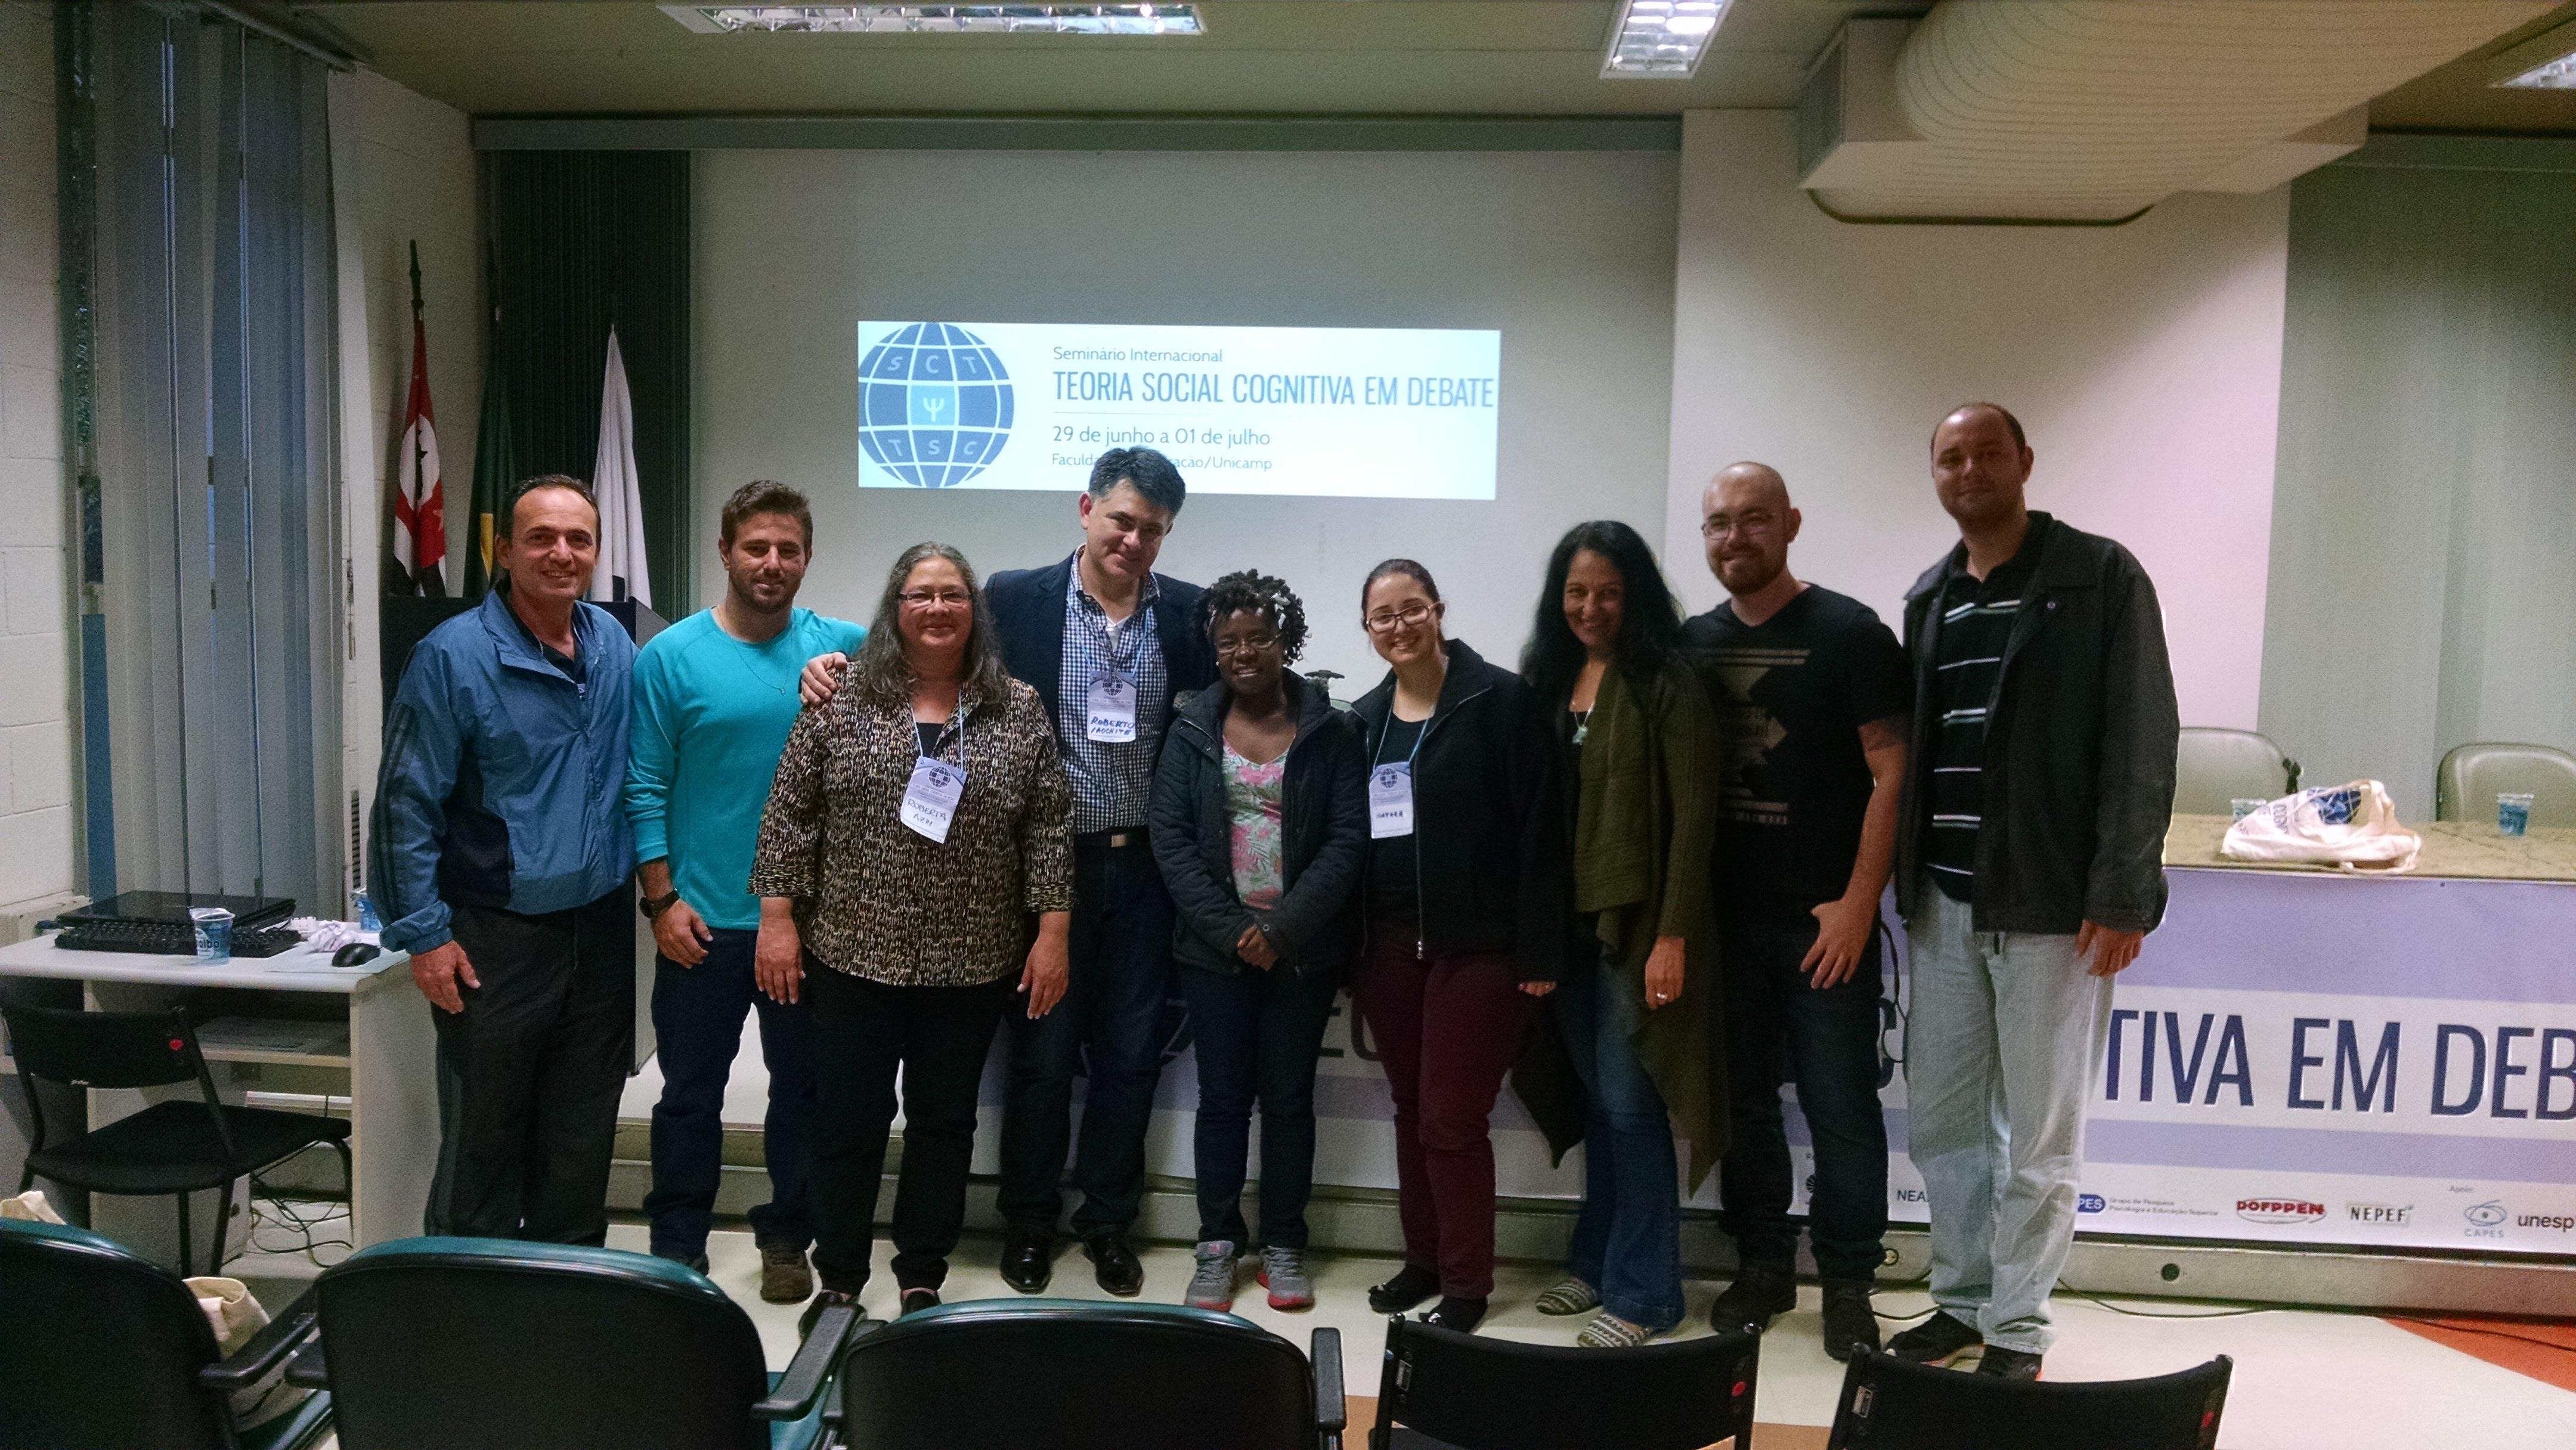 Evento: I Seminário Internacional Teoria Social Cognitiva em Debate